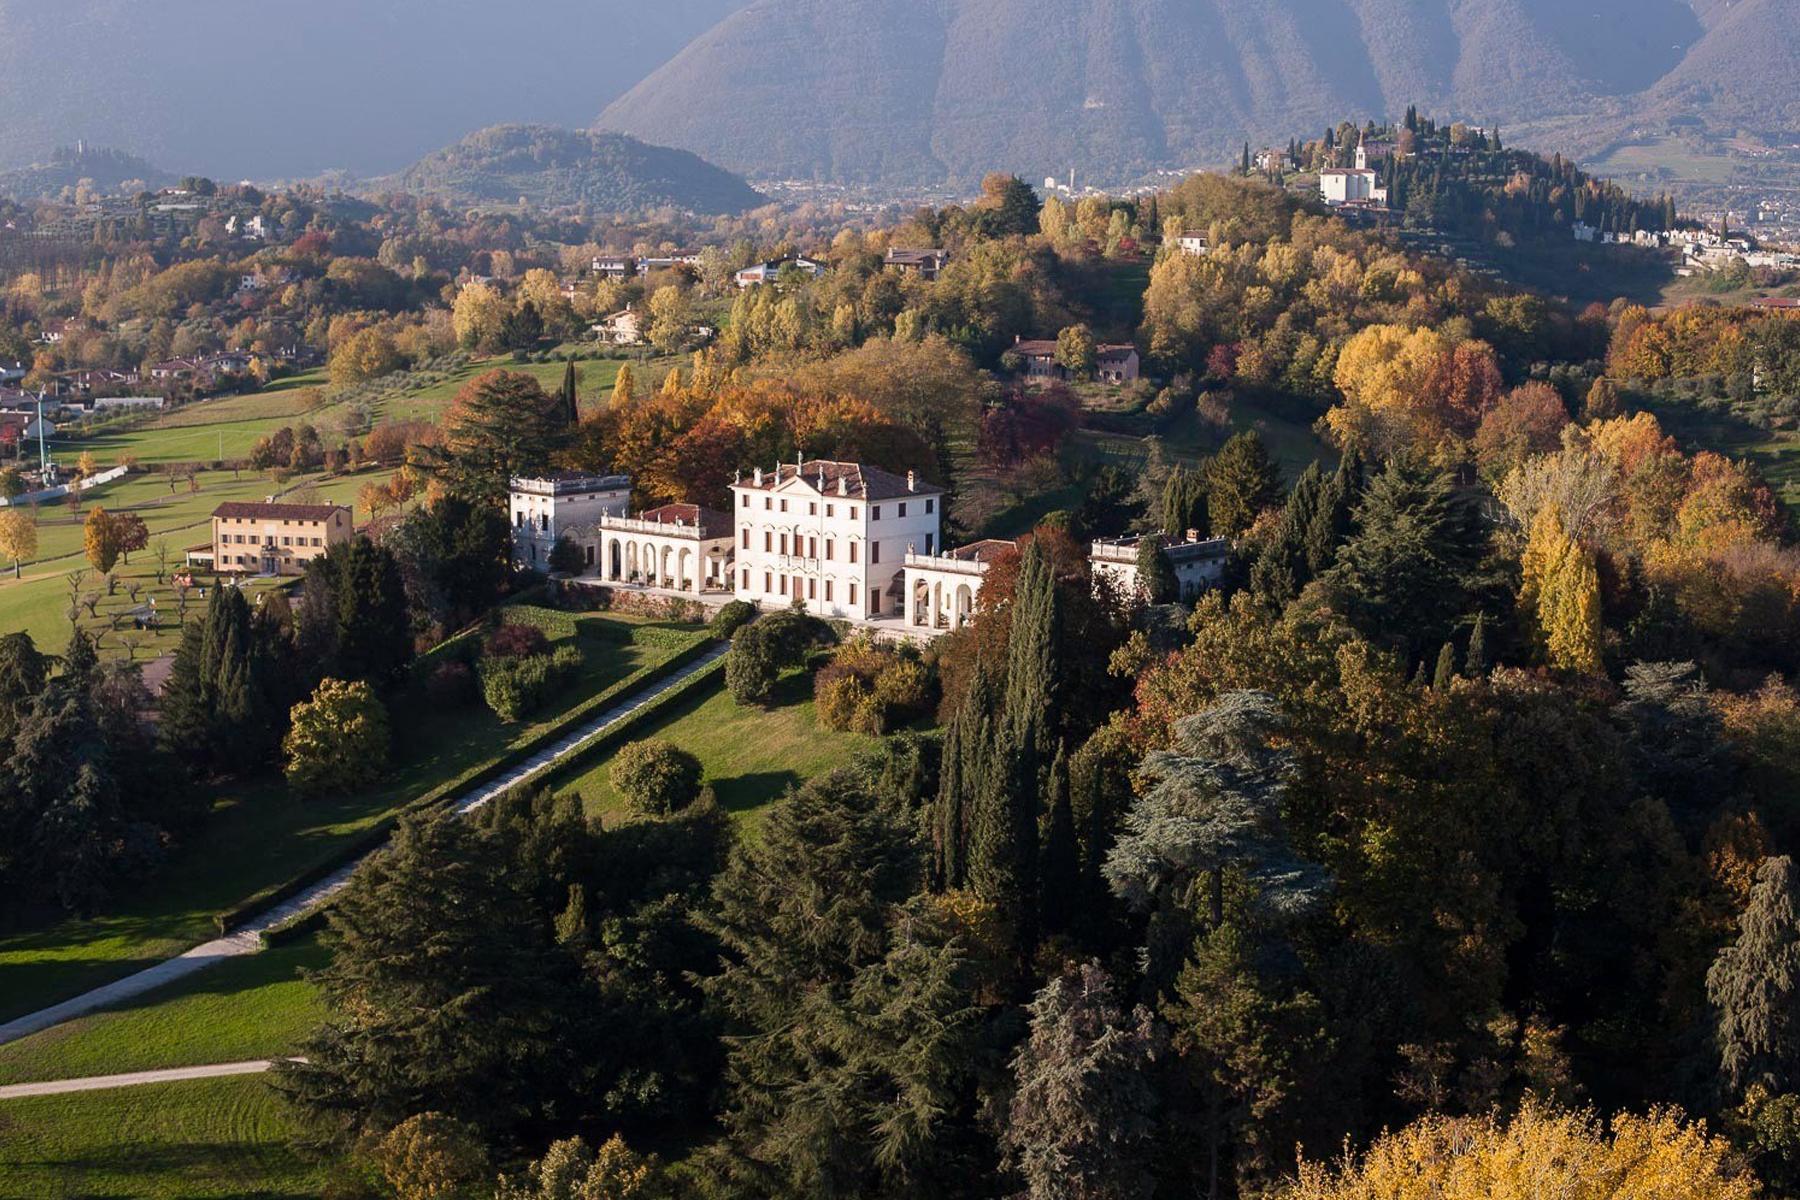 Affascinante dimora storica dominante le colline venete - 1